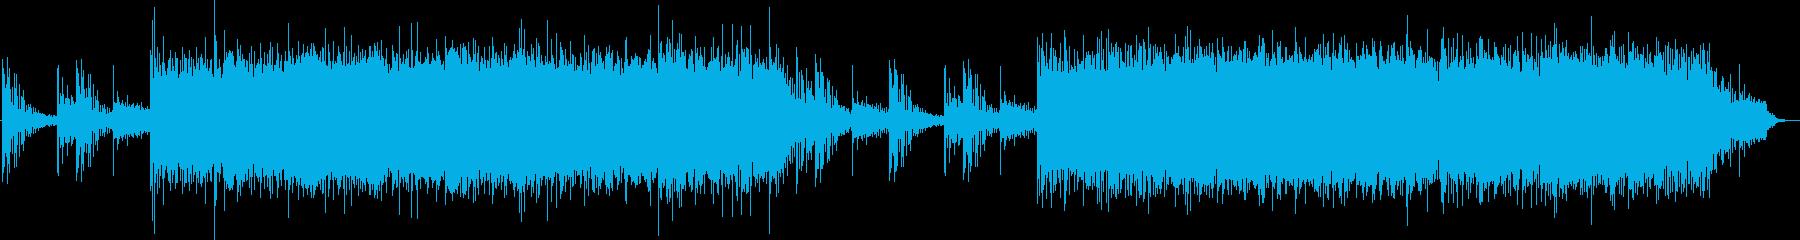 不思議なスローエレクトロニカの再生済みの波形